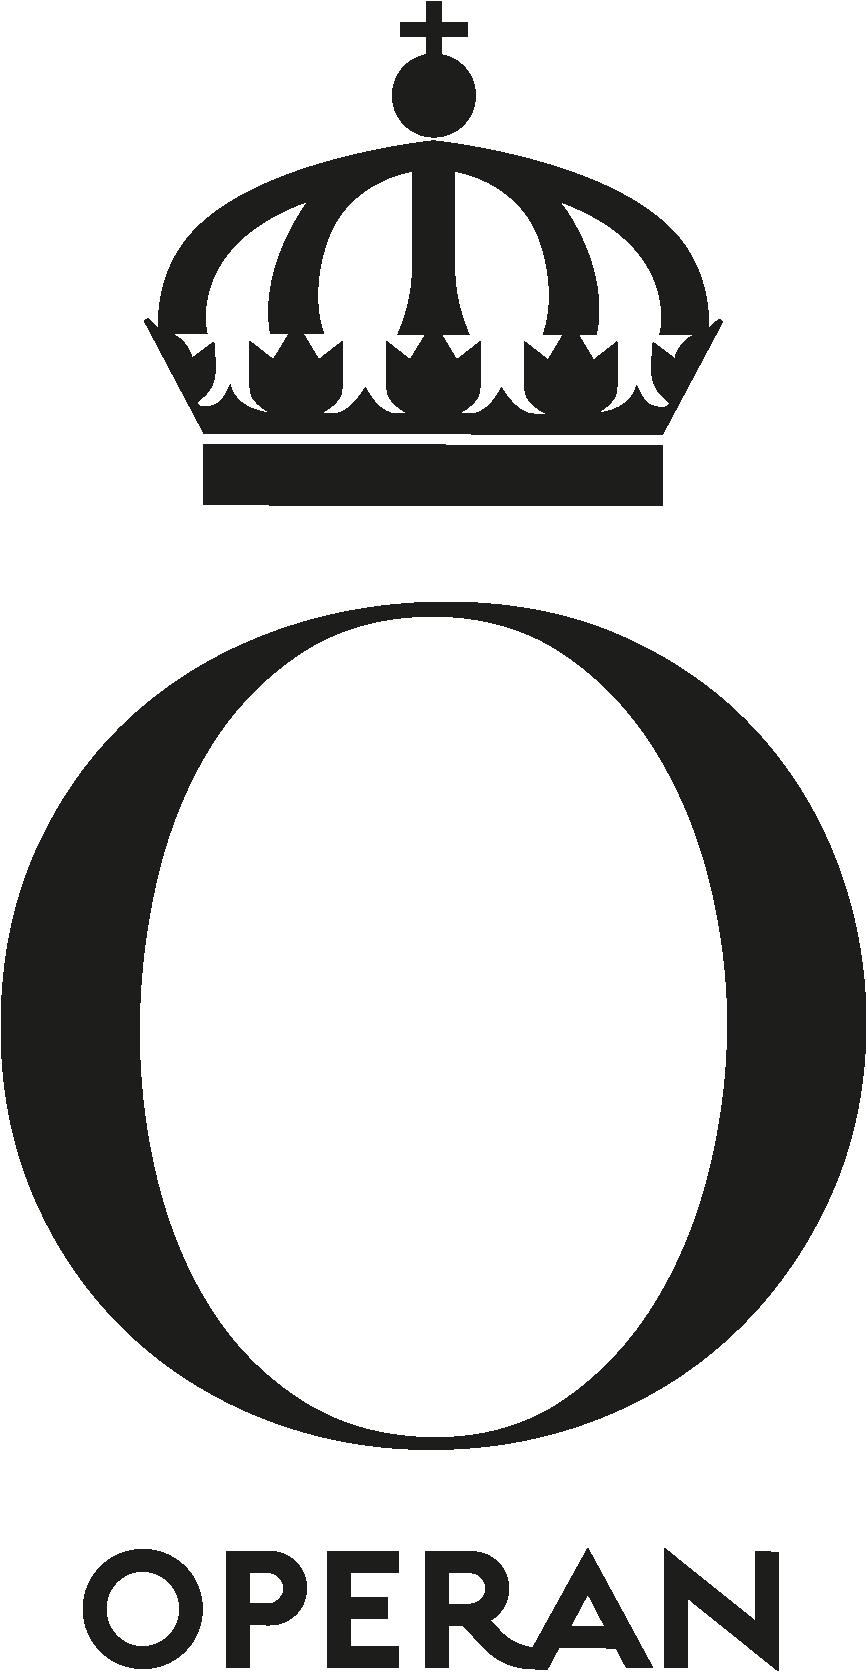 operan_logo_svart.png